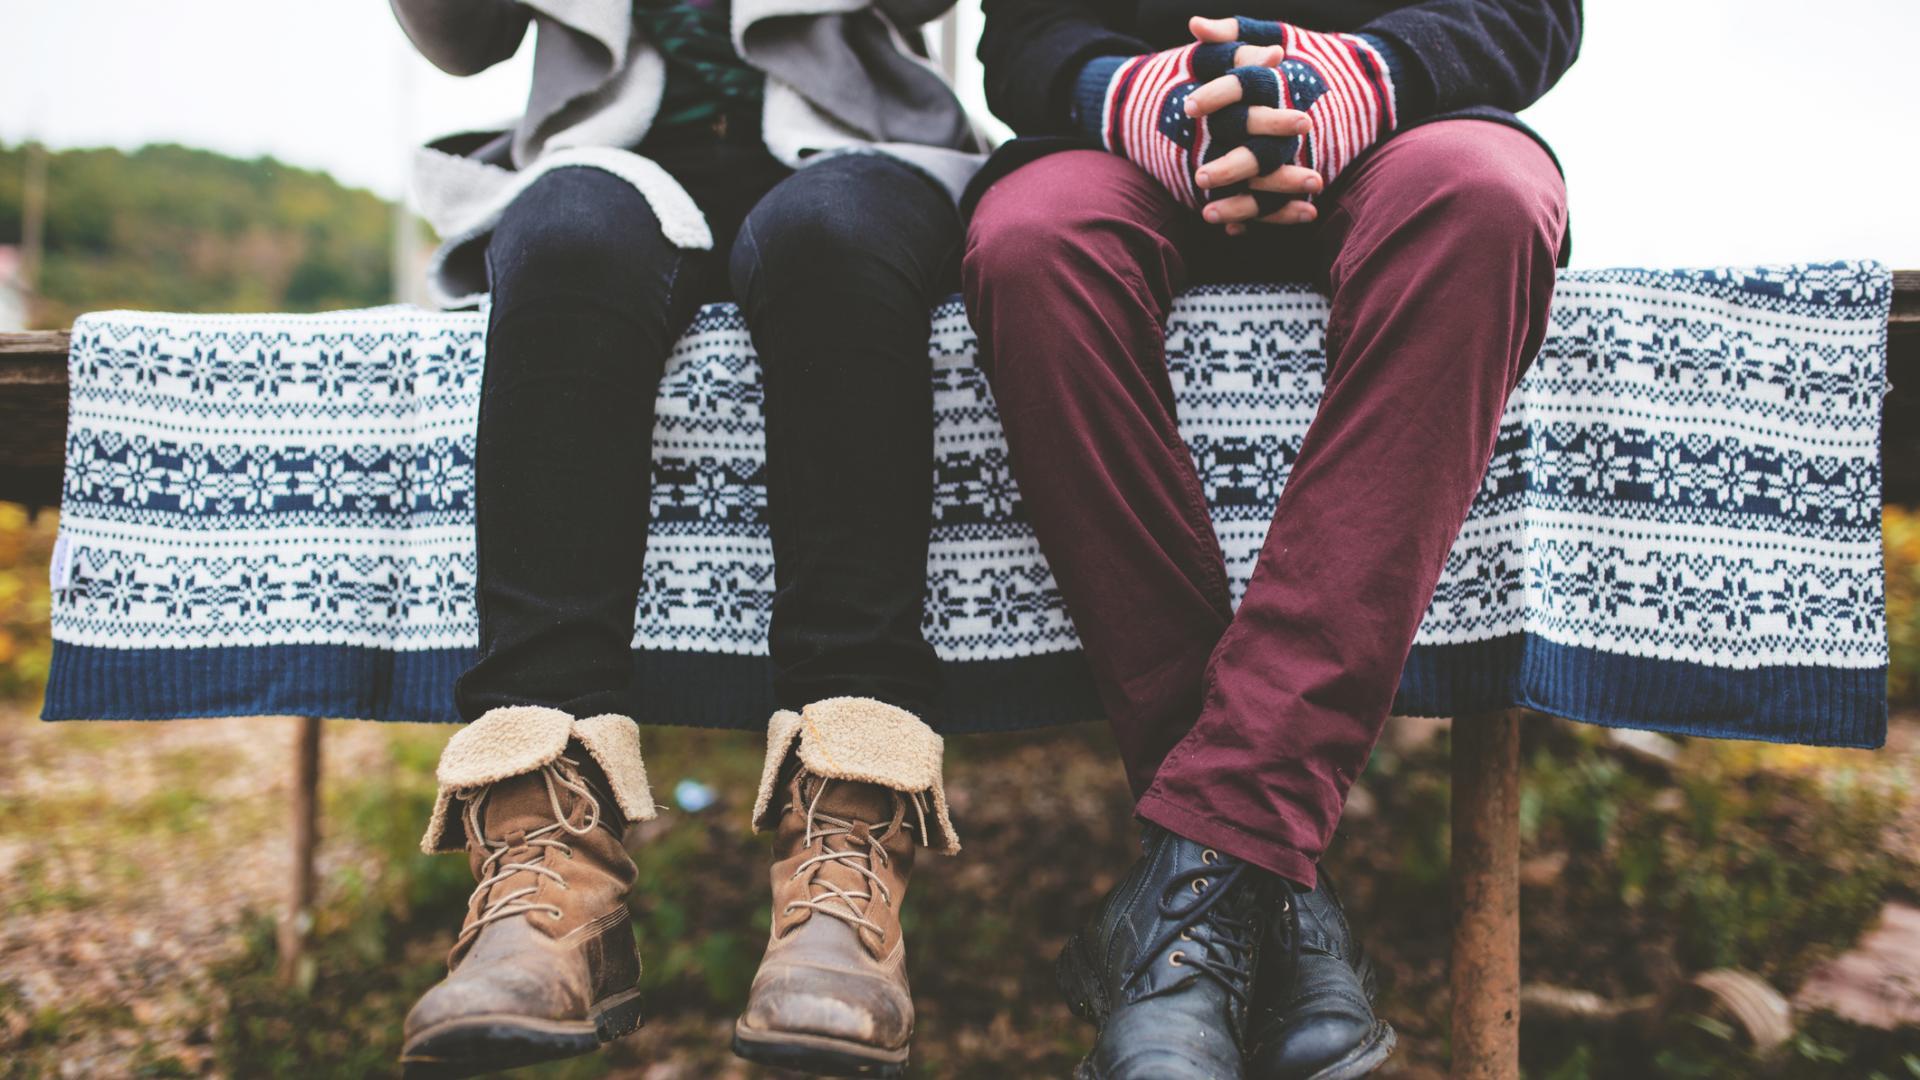 tipps hacks ratschlag hilfe erstes date dating treffen